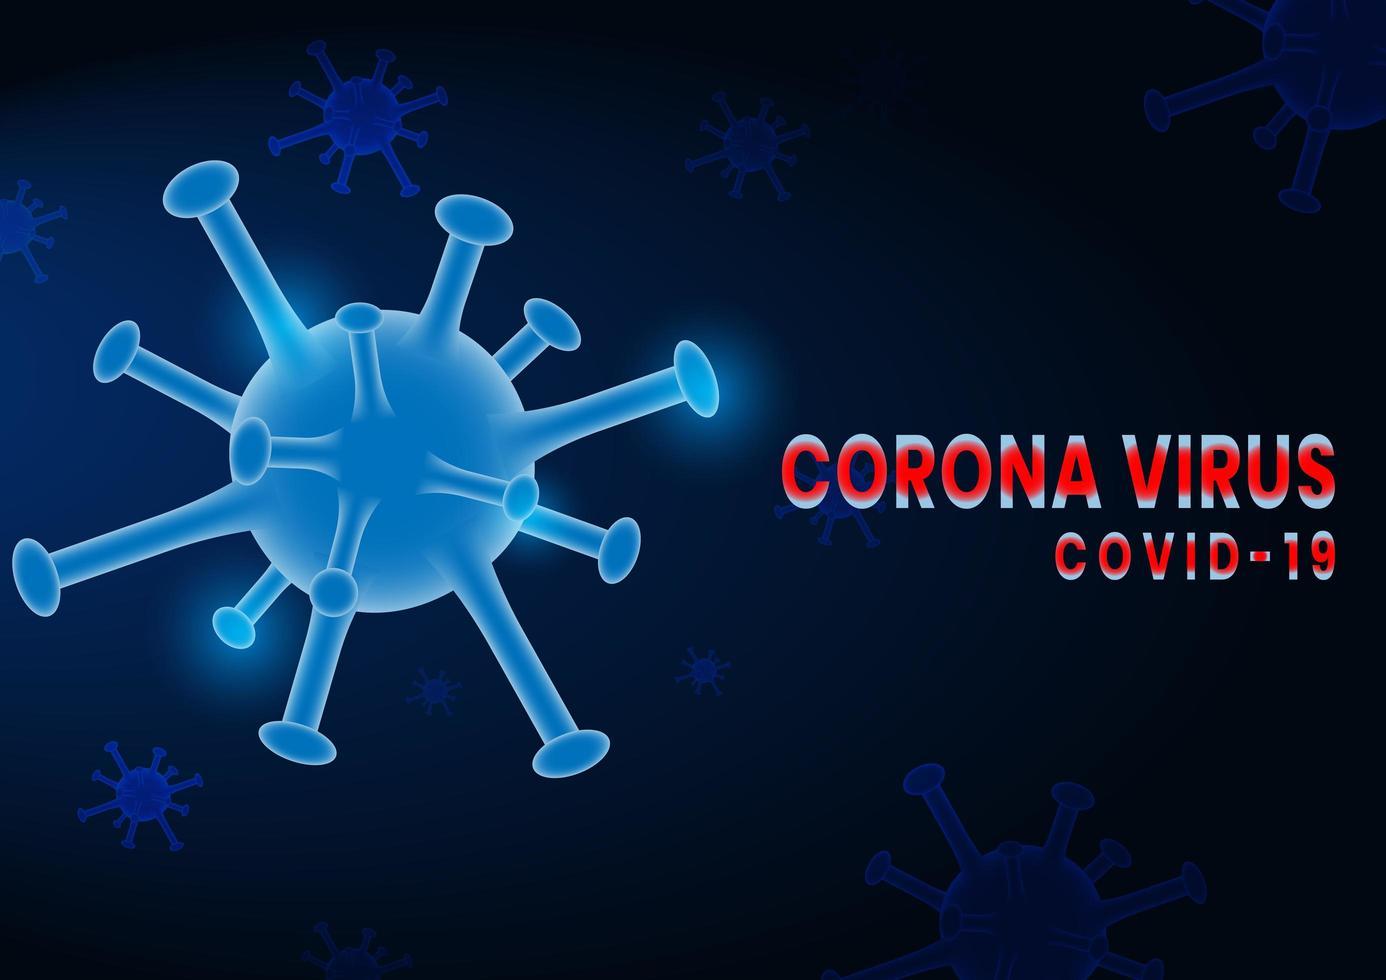 coronavirus covid-2019 su sfondo blu scuro vettore